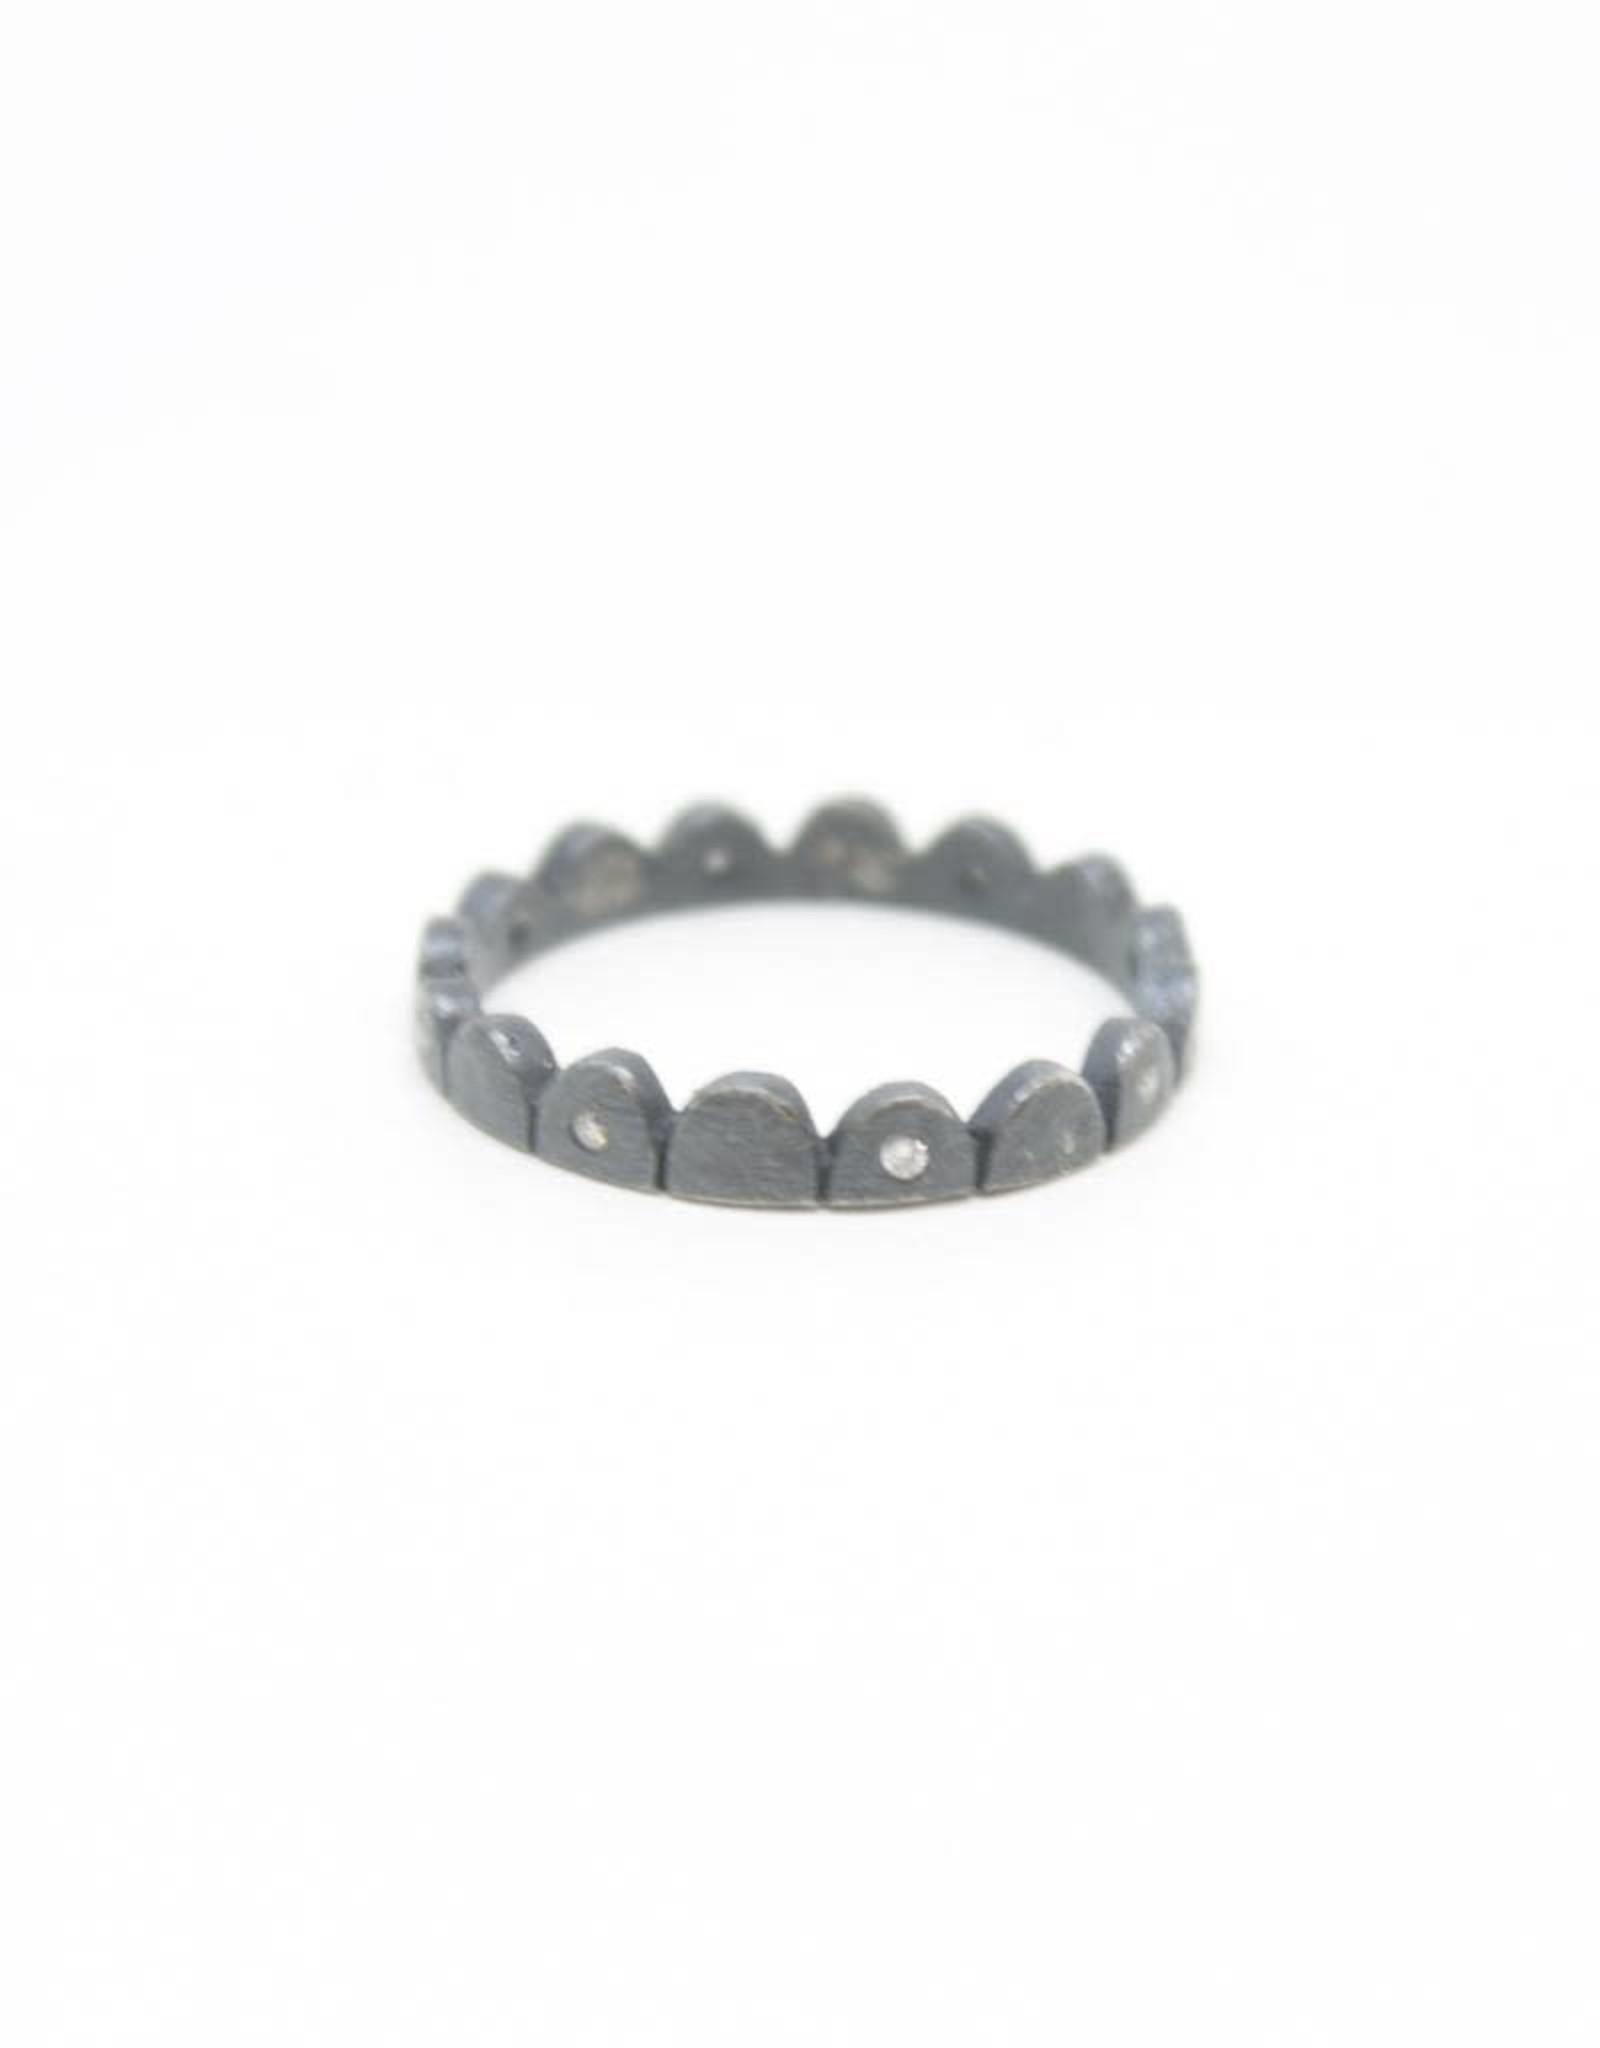 Himatsingka Picot Mini Alternate Diamond Patina Ring